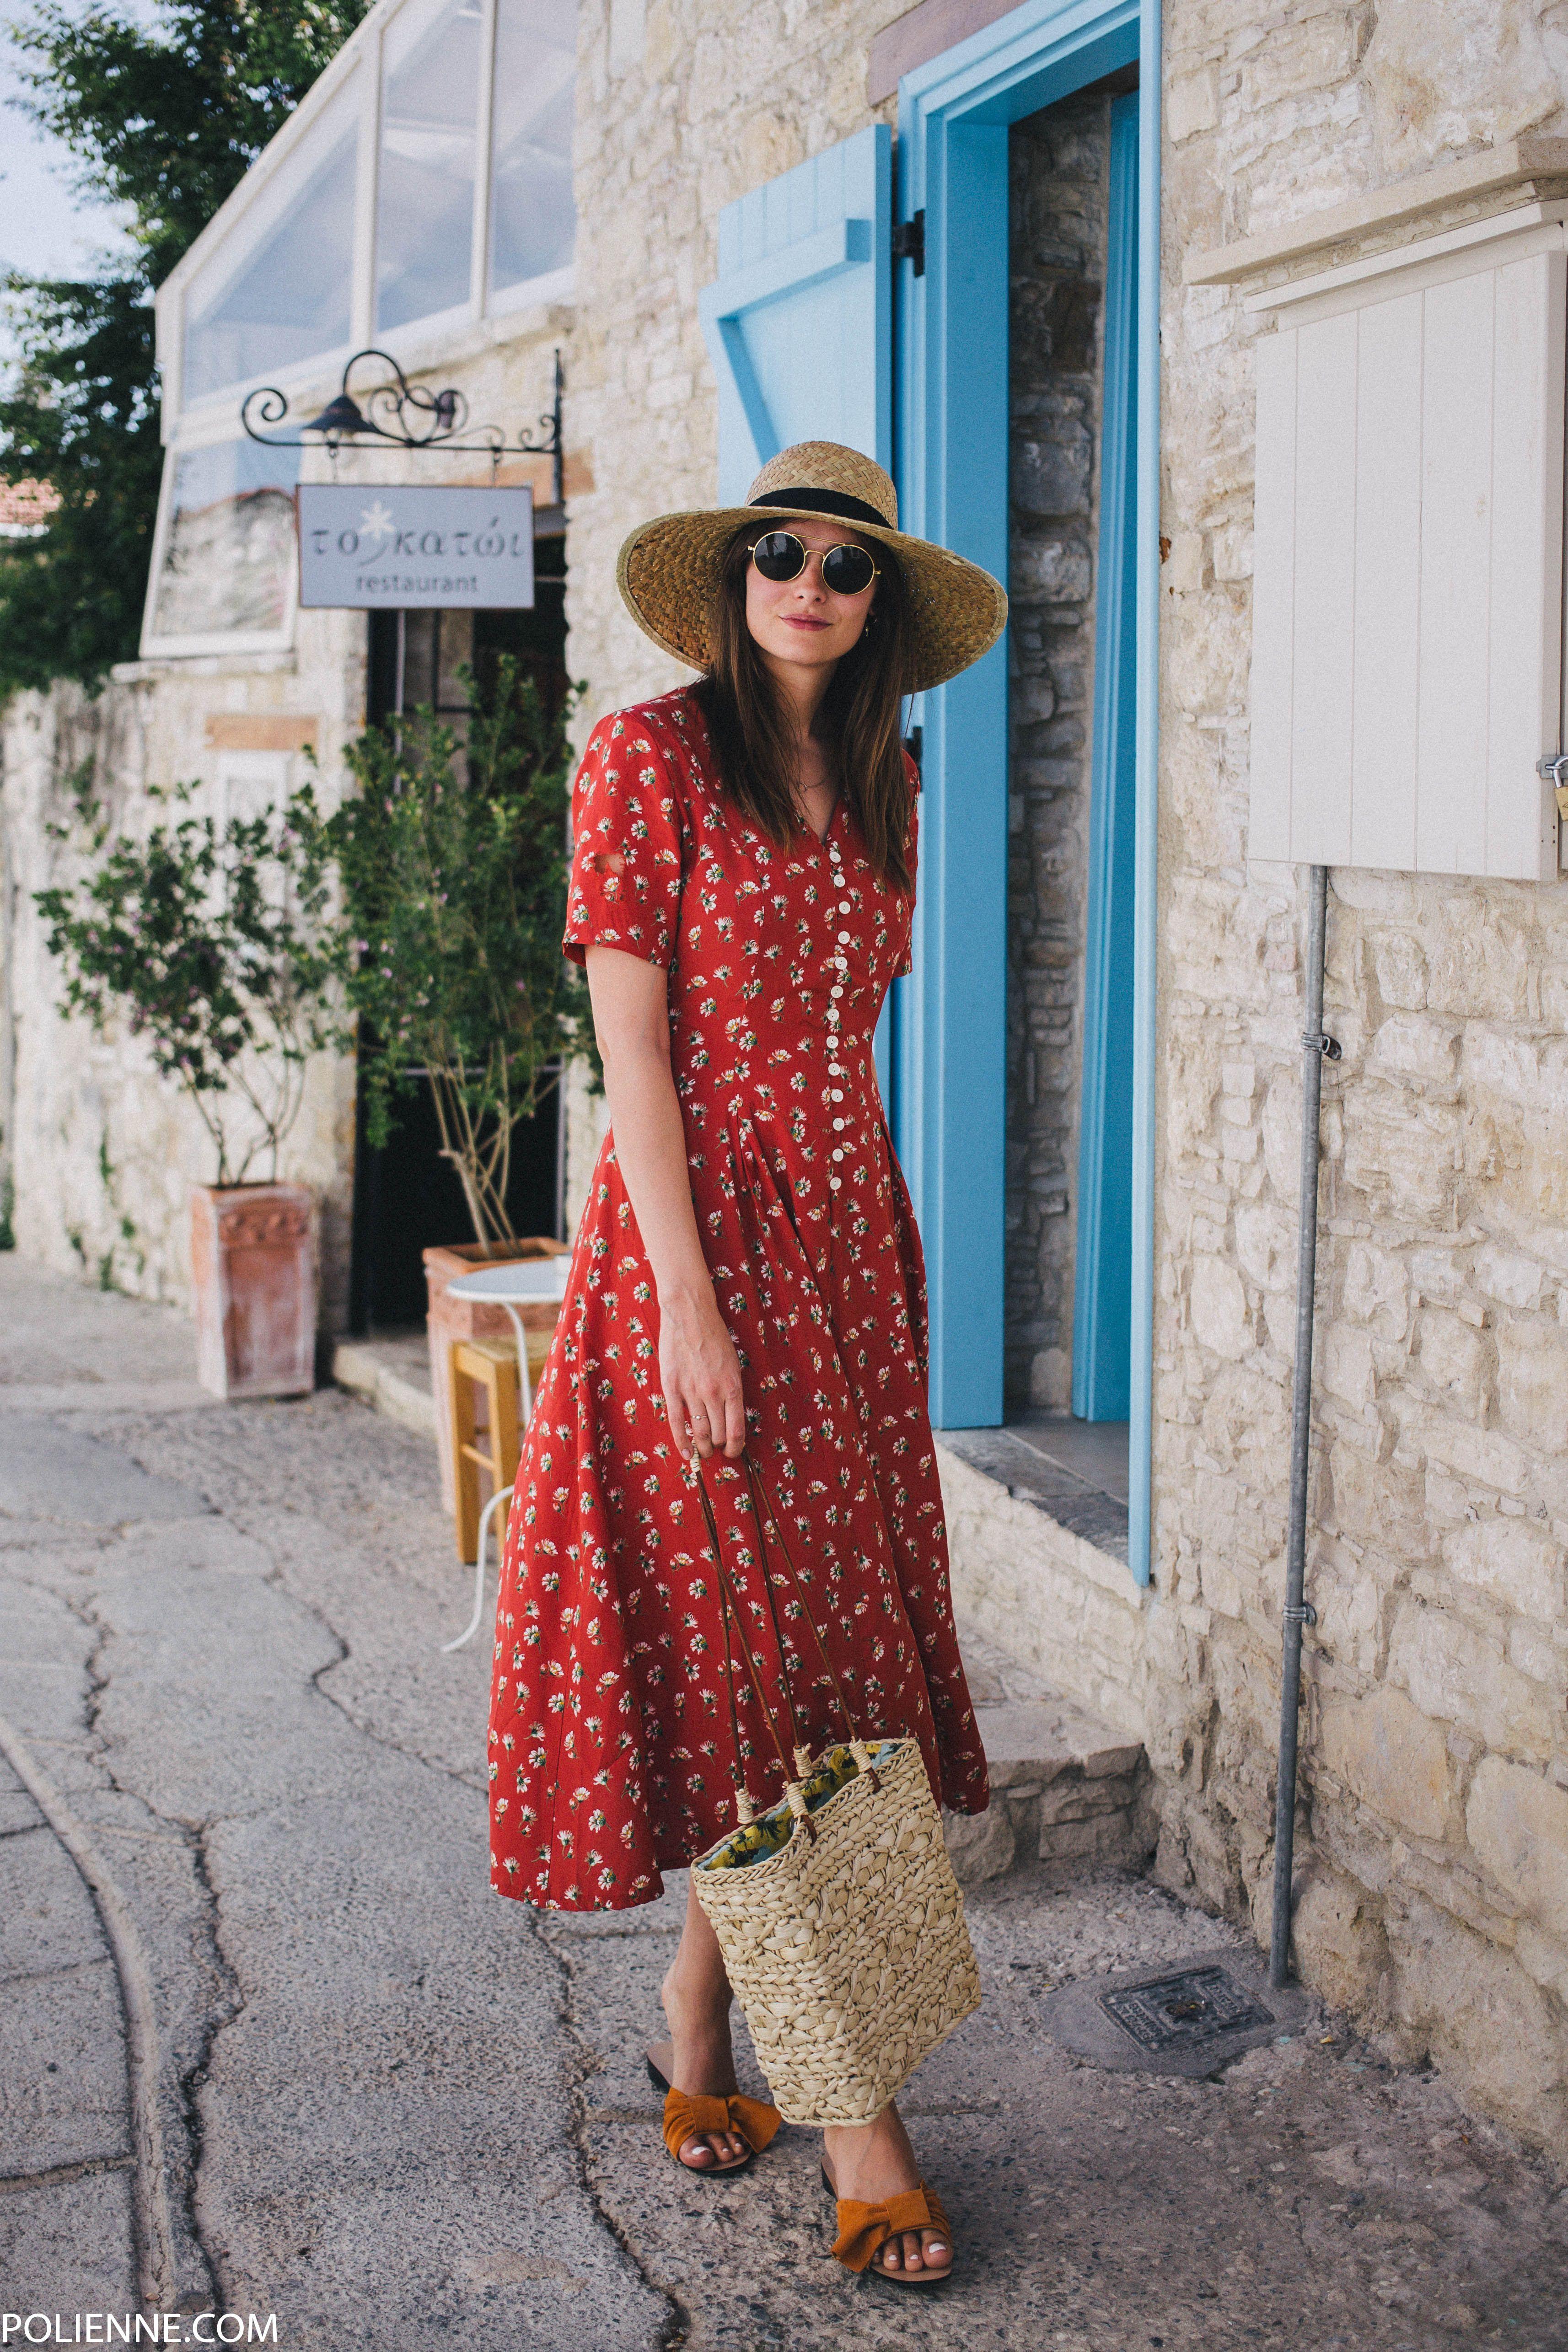 That Vintage Summer Dress Polienne Vintage Summer Dresses Fashion Summer Dresses [ 5142 x 3428 Pixel ]